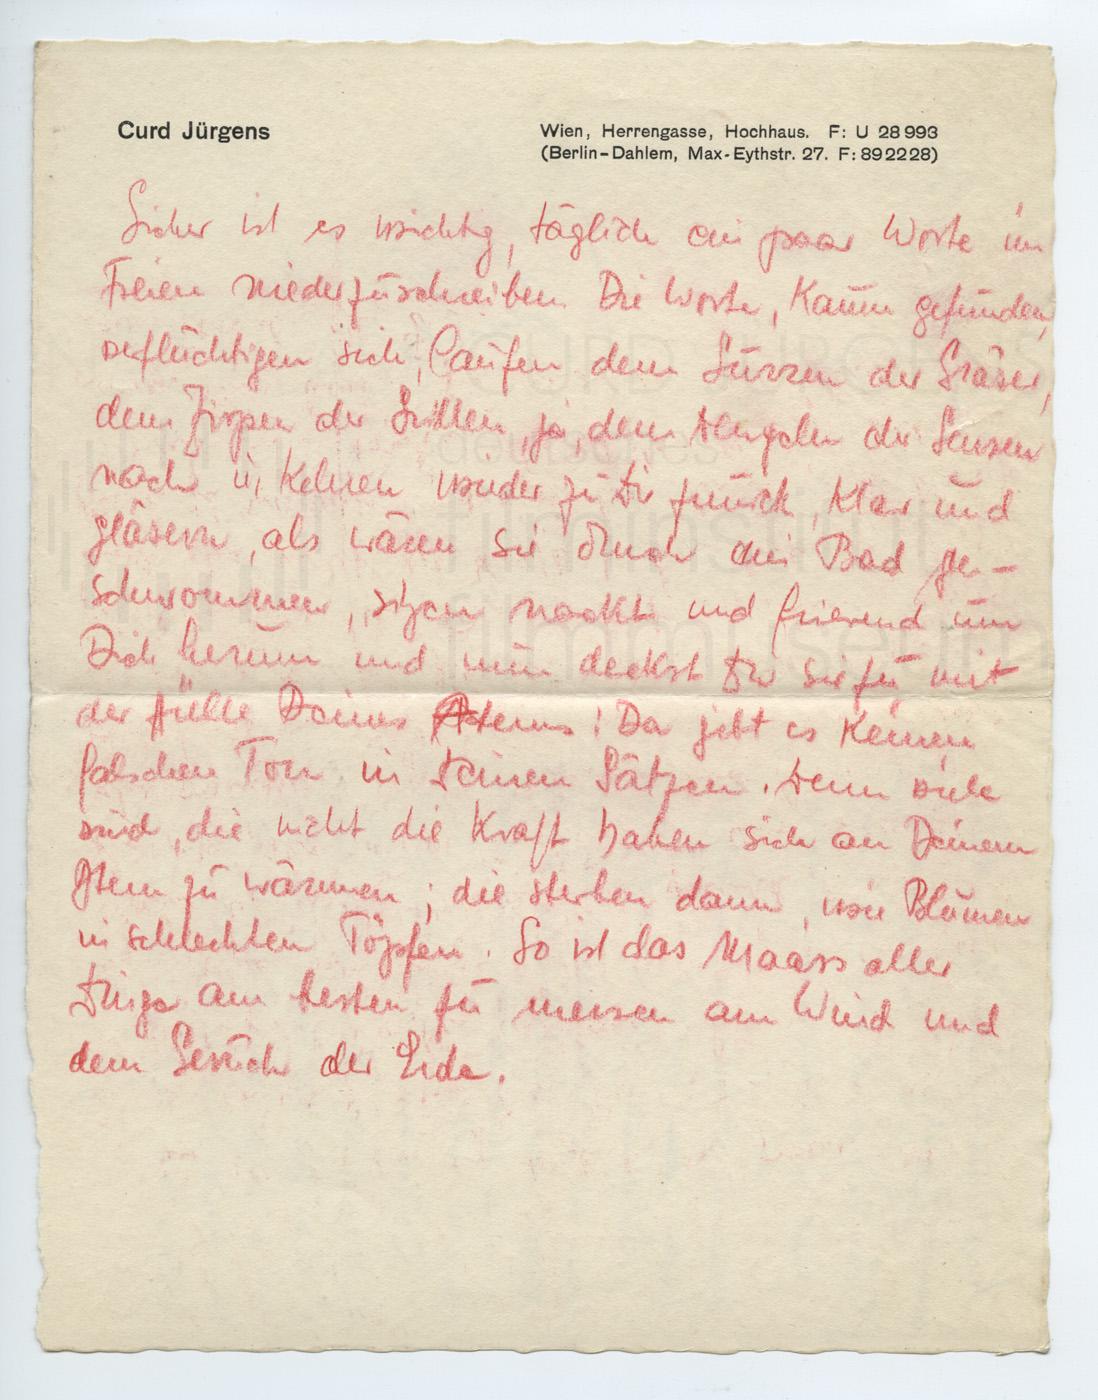 Persönliche Aufzeichnungen über das Schreiben, 1940er Jahre